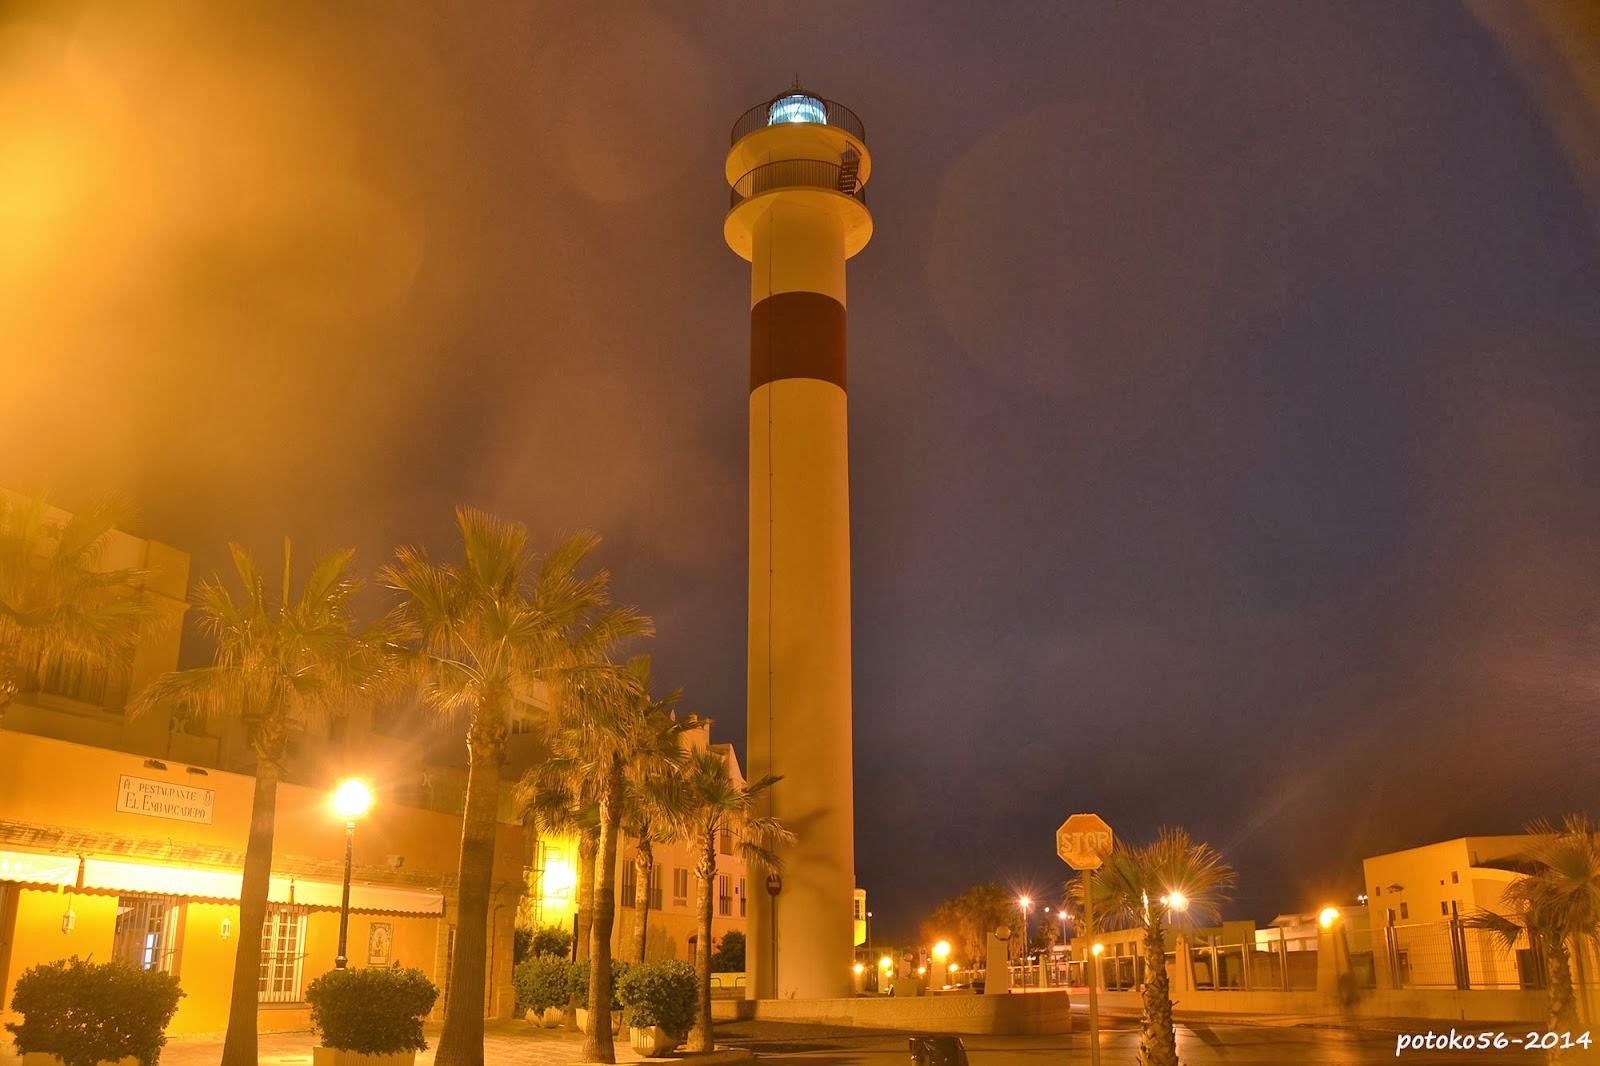 La luz del Faro de Rota en la noche